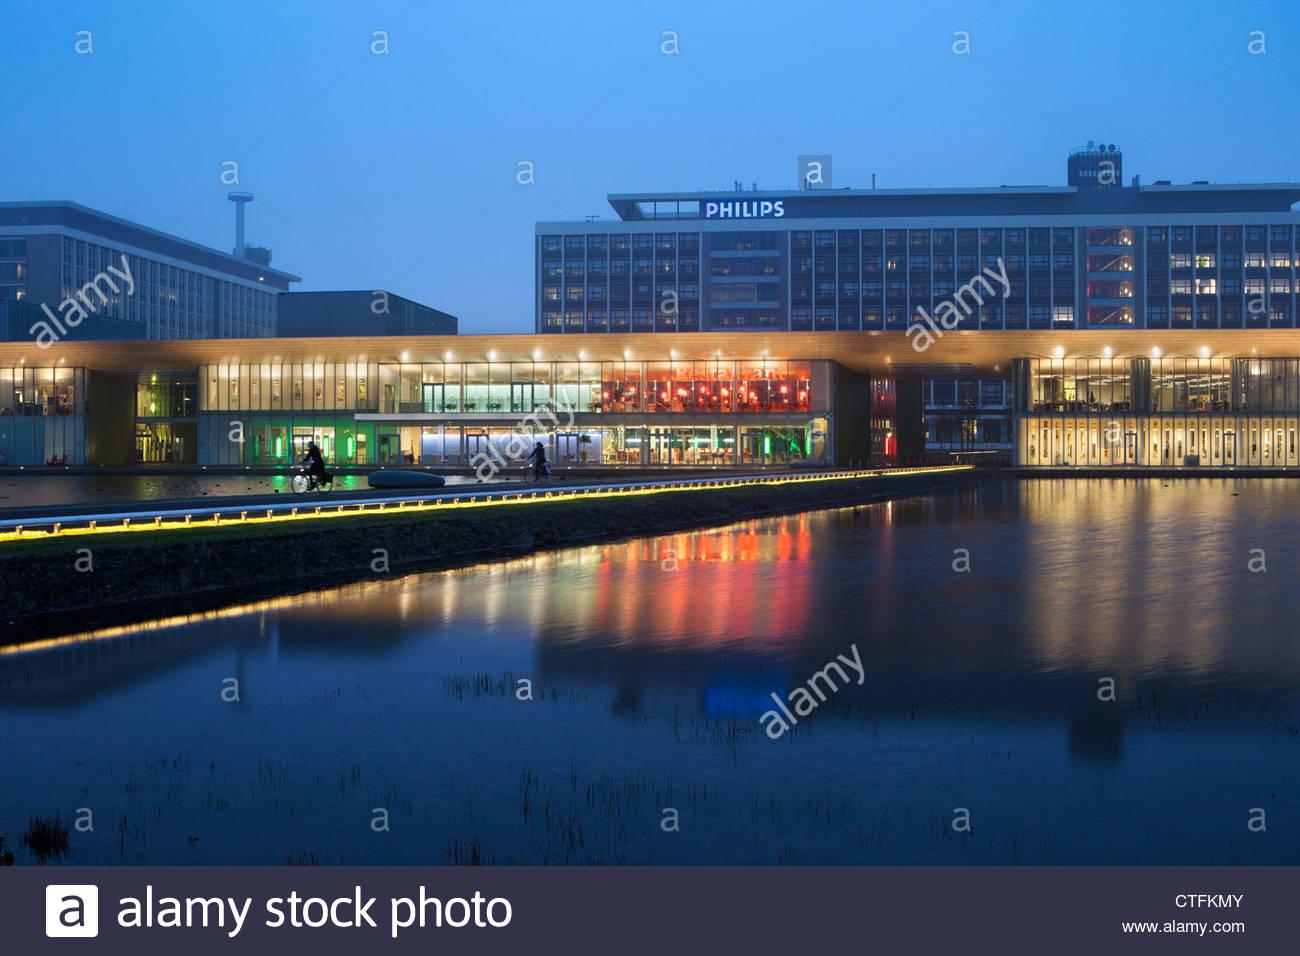 Veldhoven près d'Eindhoven, Philips High Tech Campus. Quartier appelé de bande. L'endroit pour Photo Stock